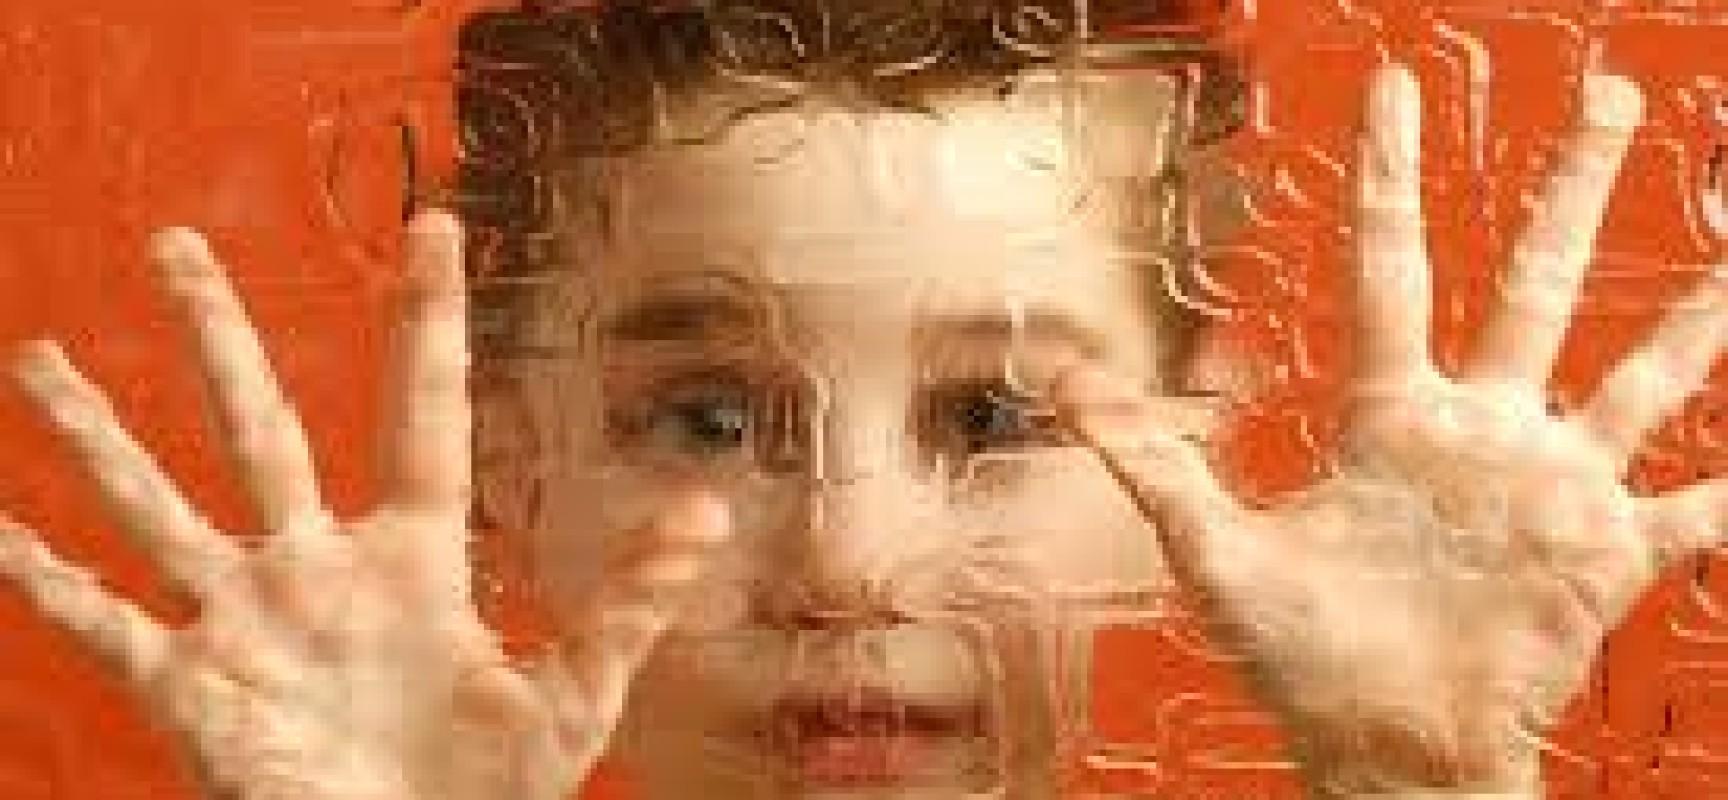 Autismo, appliChiamo il cuore, giornata mondiale autismo 2015